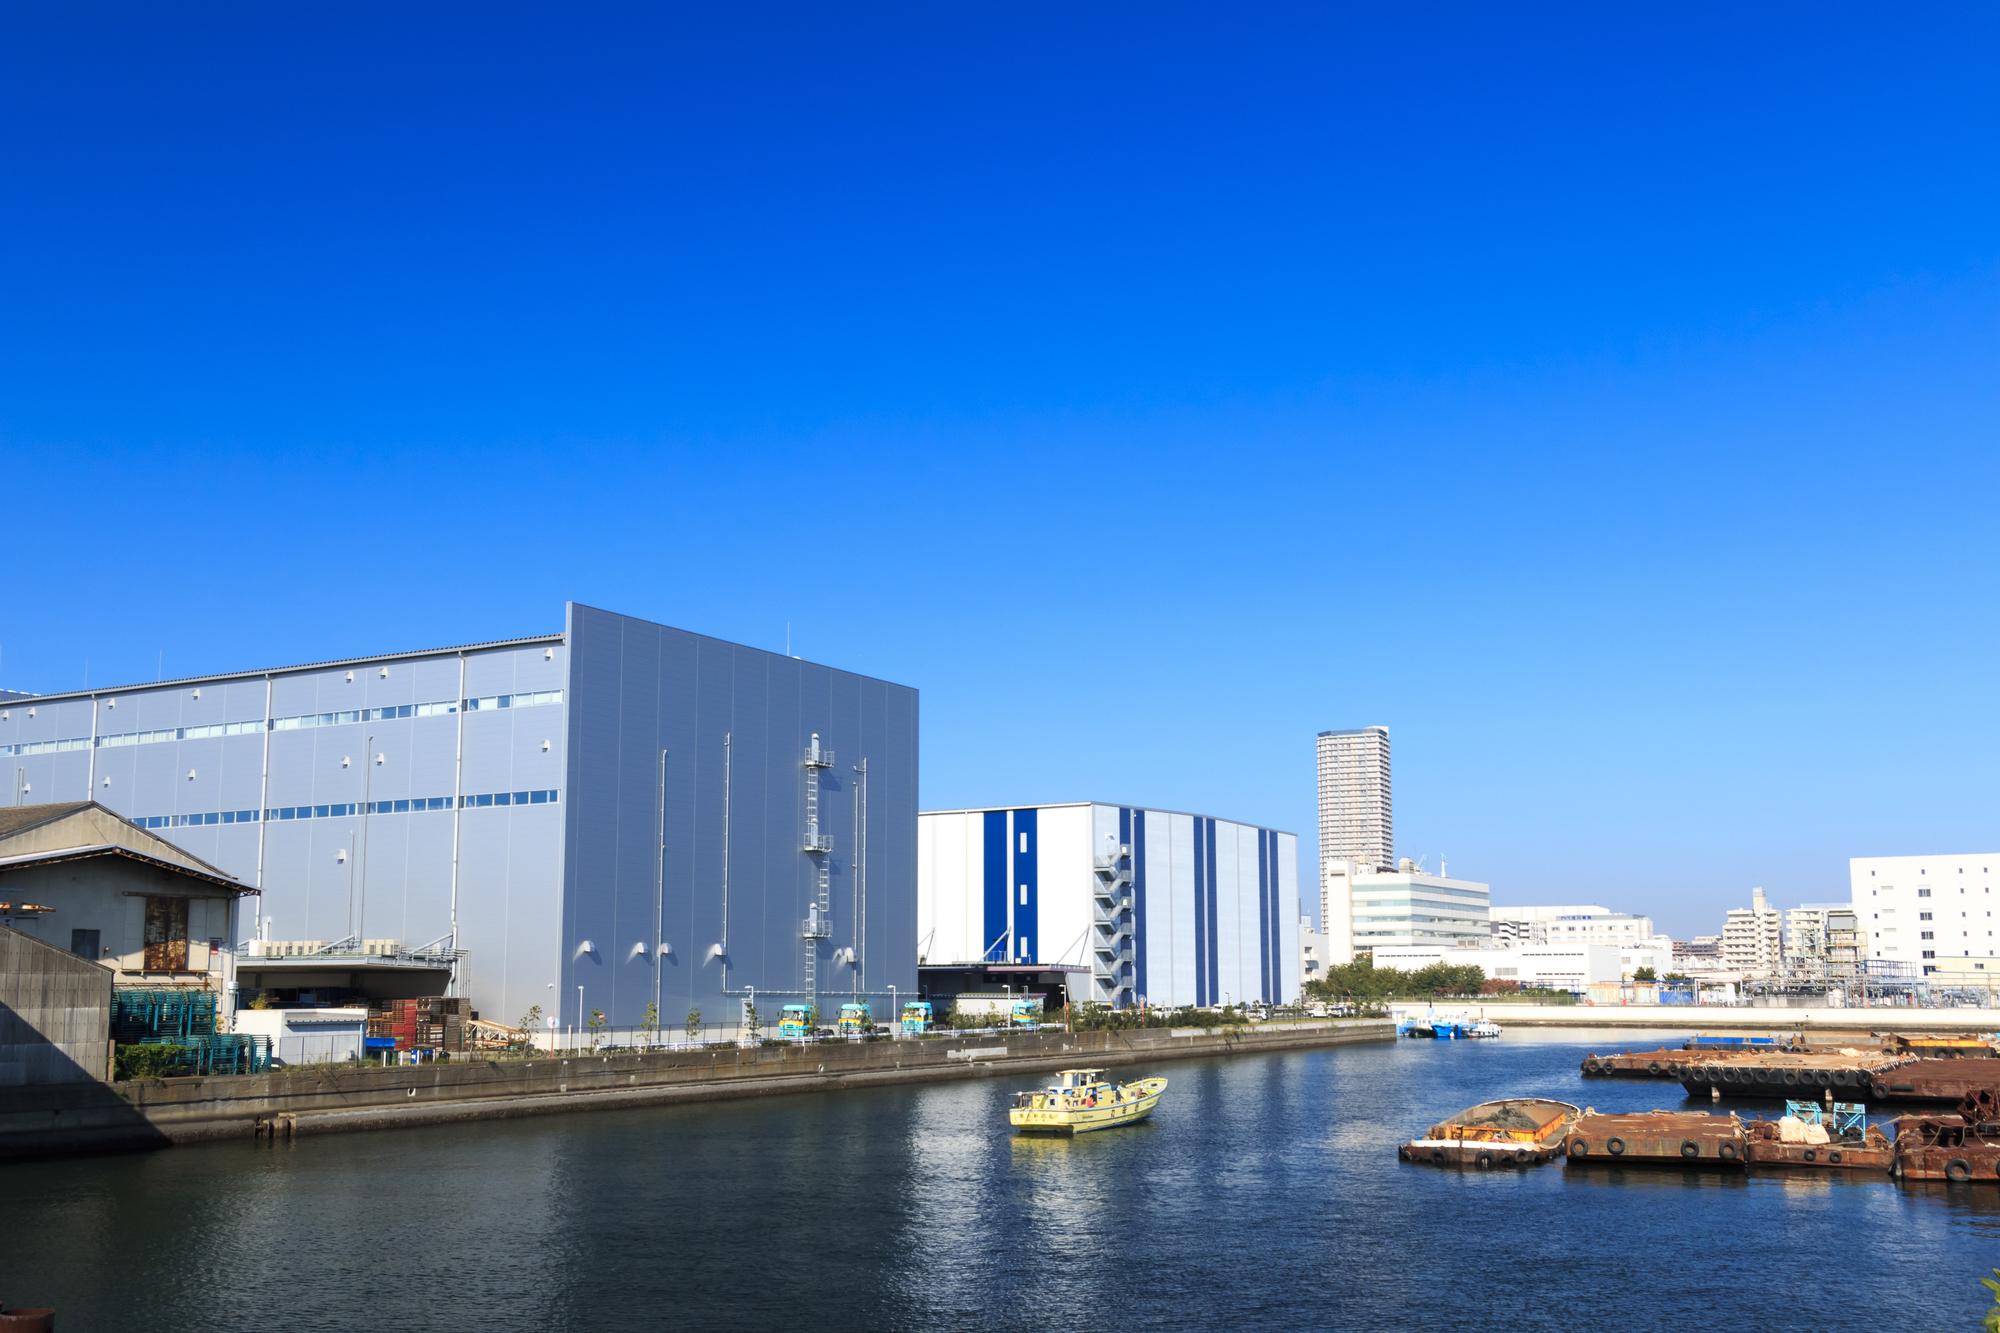 港の倉庫街の景色